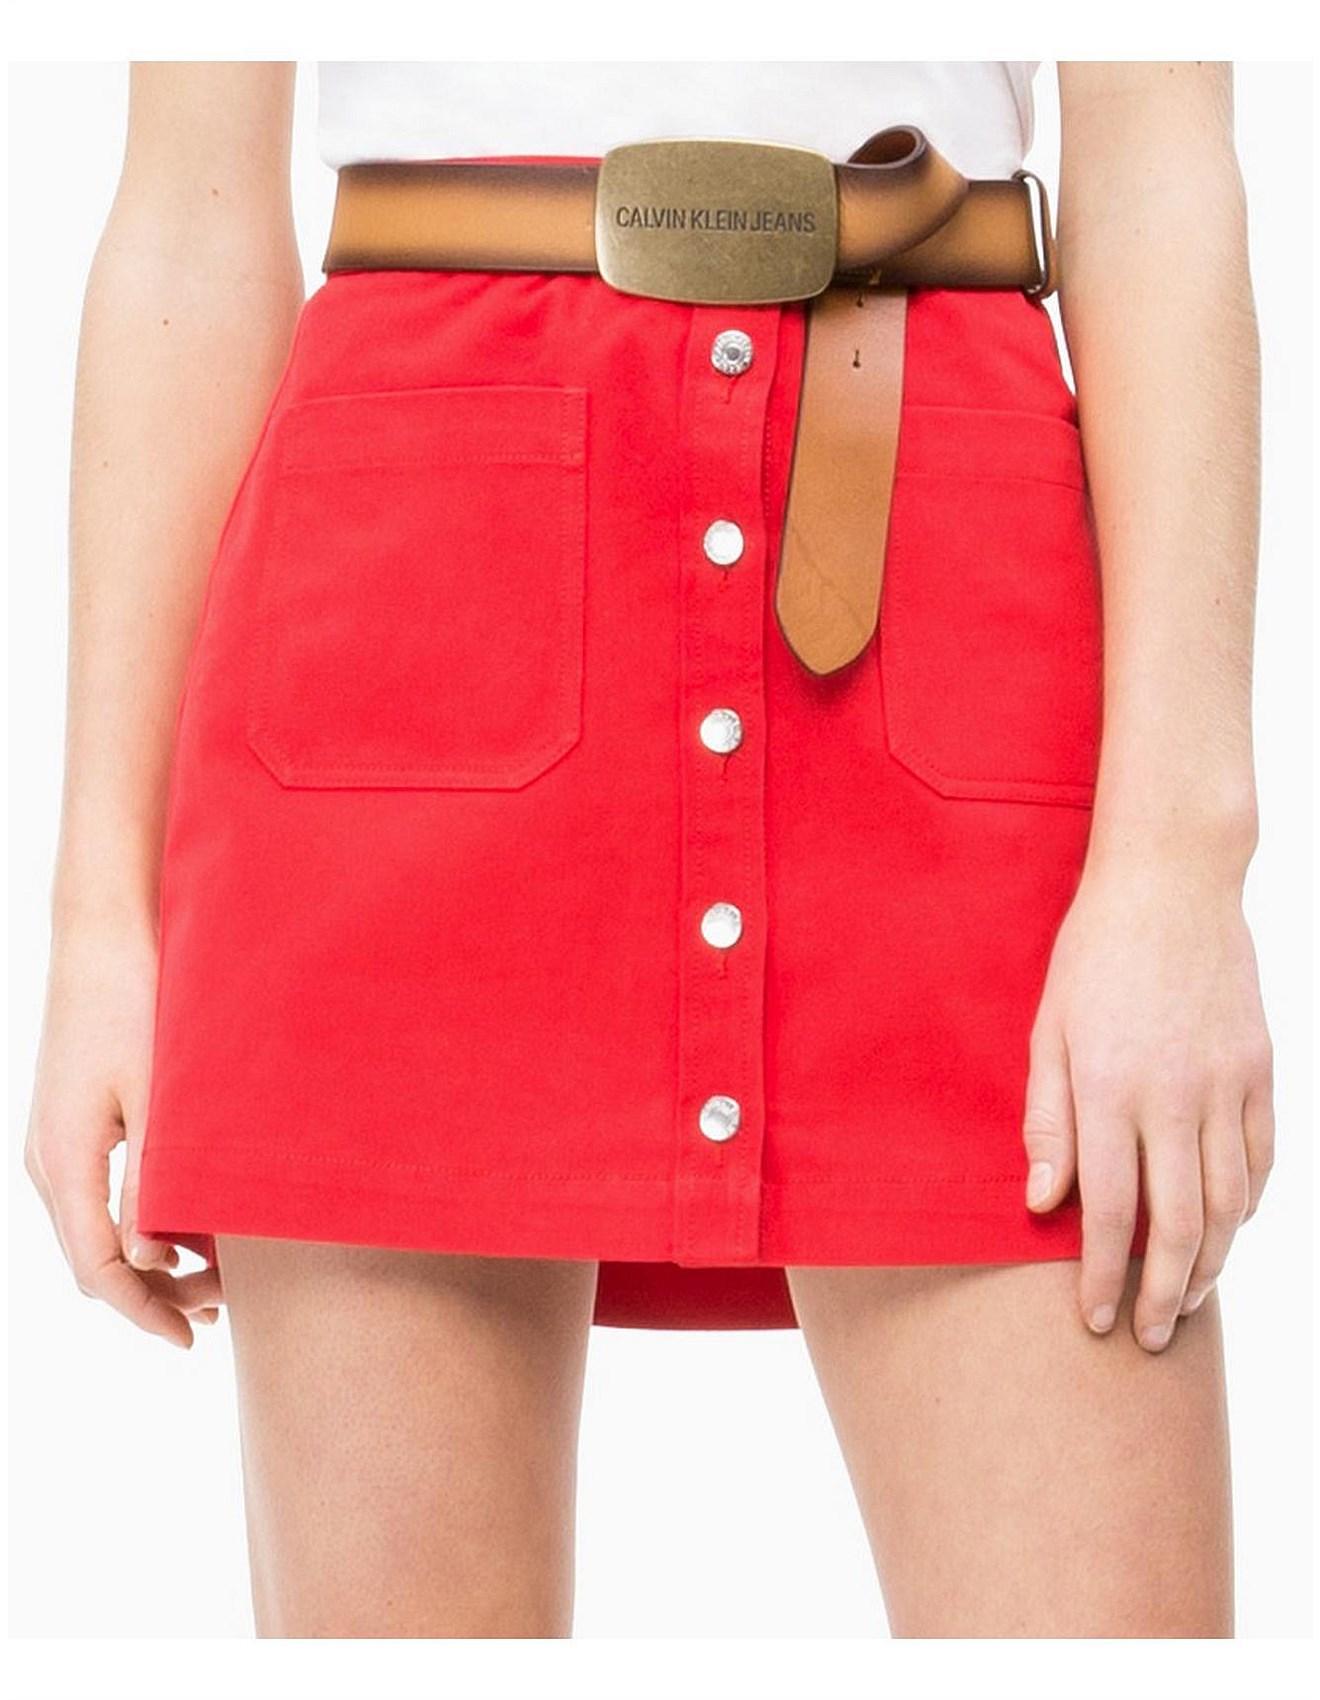 e5a6e23879d0 Calvin Klein | Buy CK Underwear, Clothing & More | David Jones ...